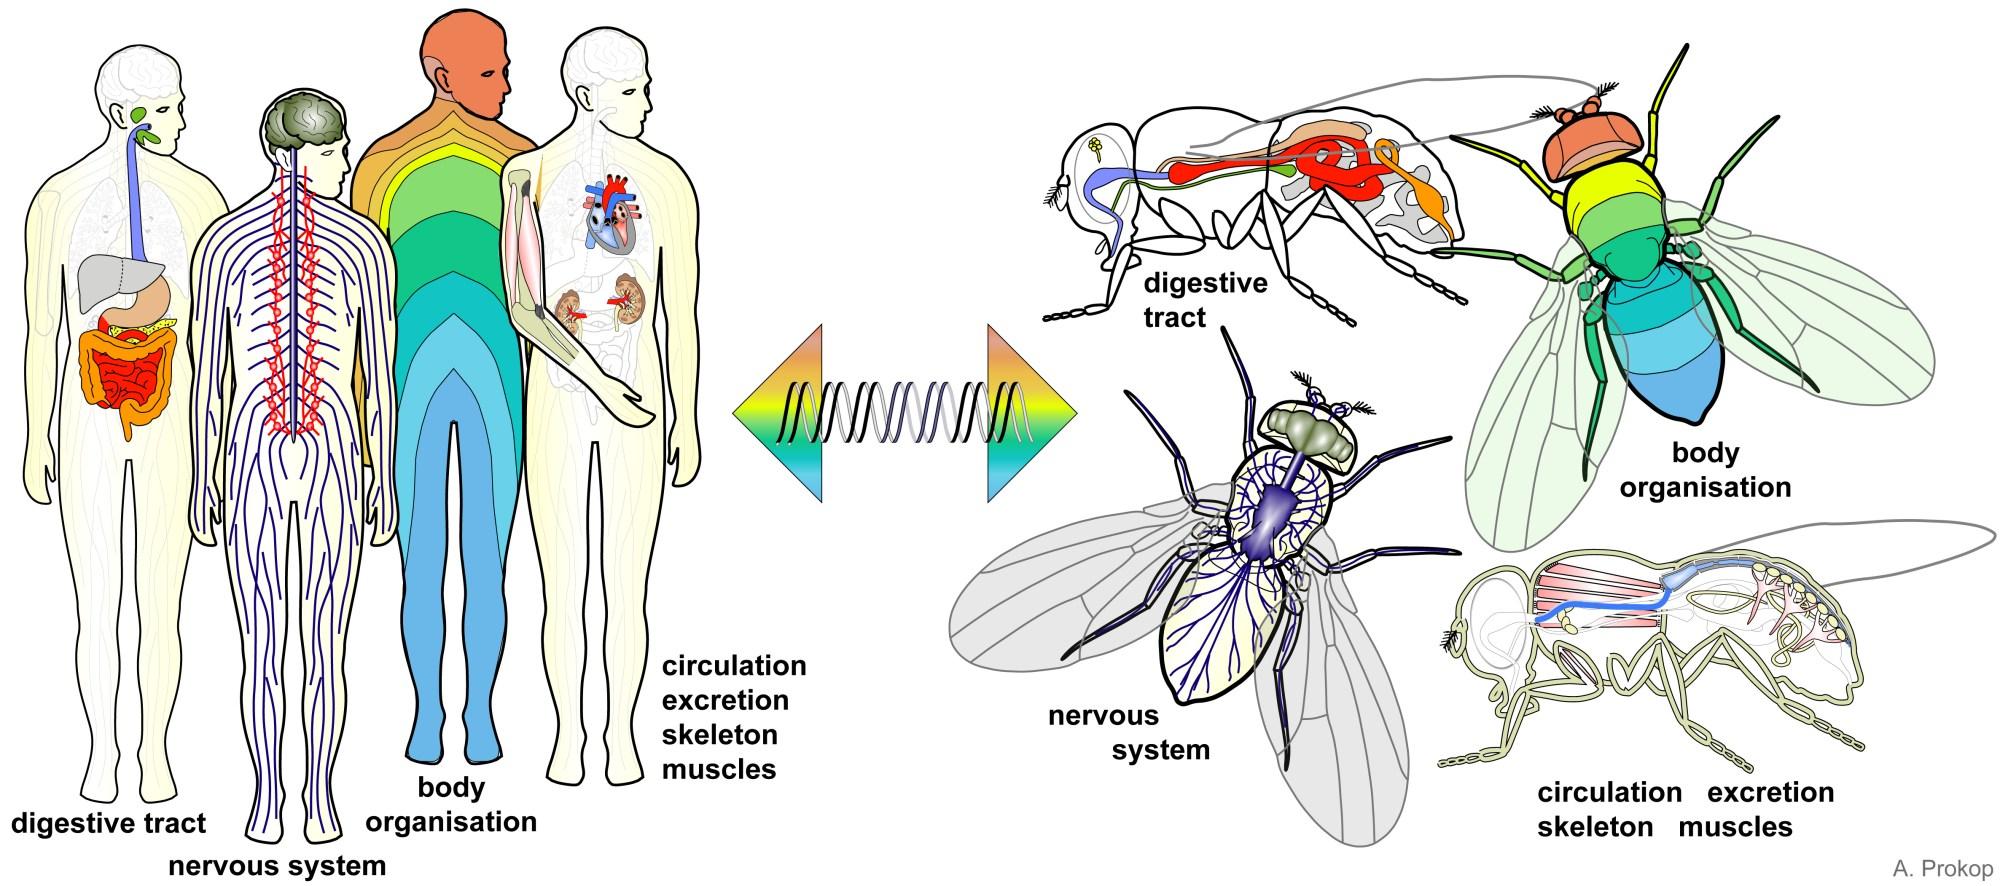 hight resolution of fig2 organs